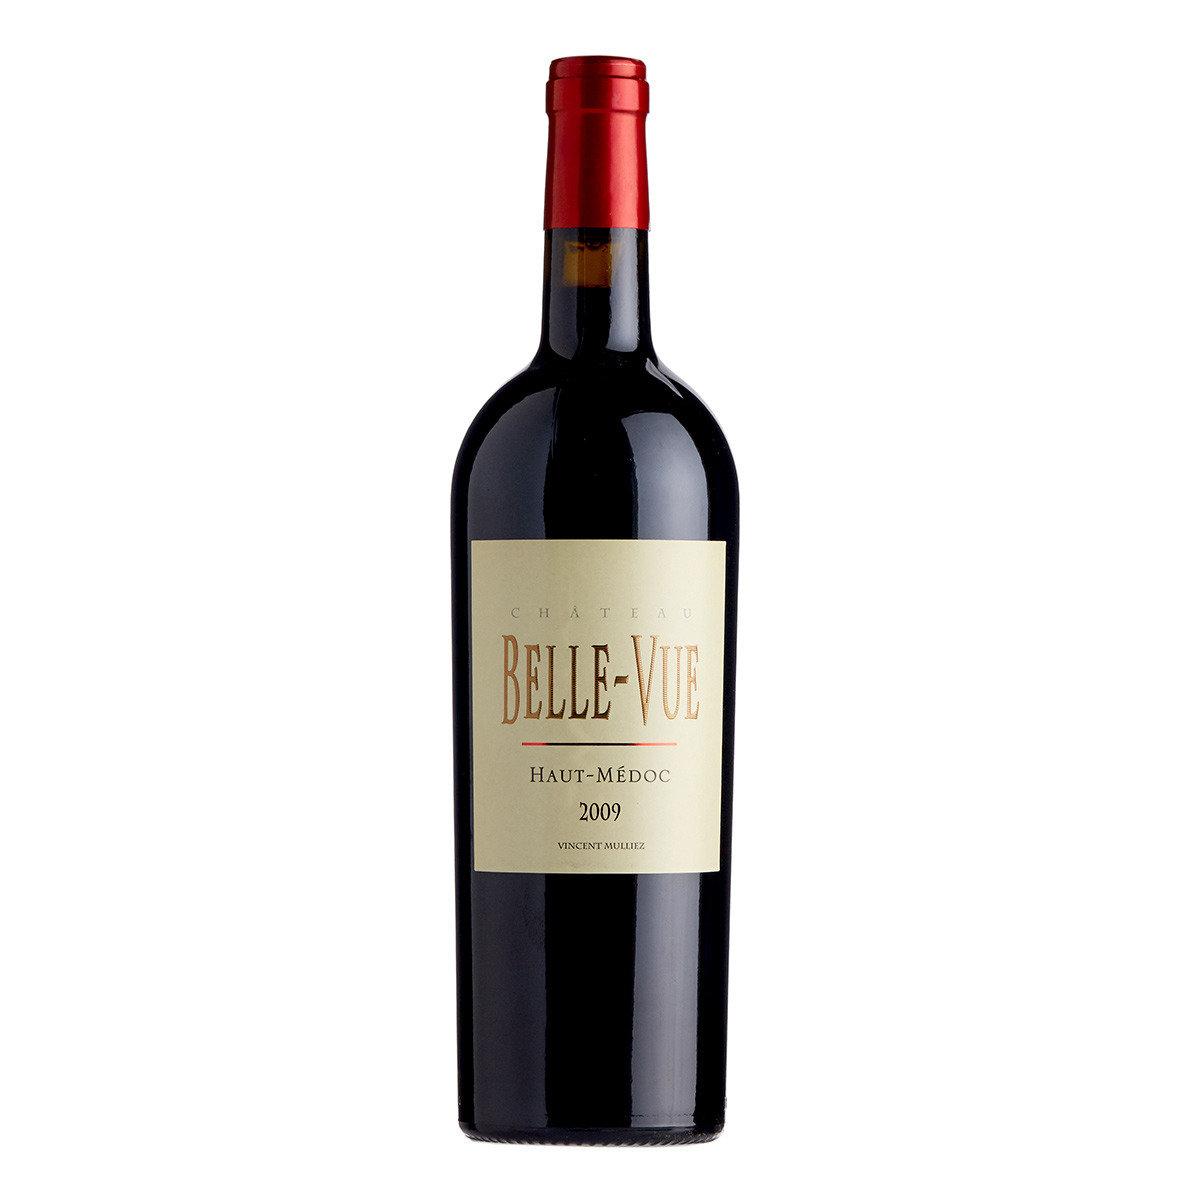 2009 比雲利堡紅酒